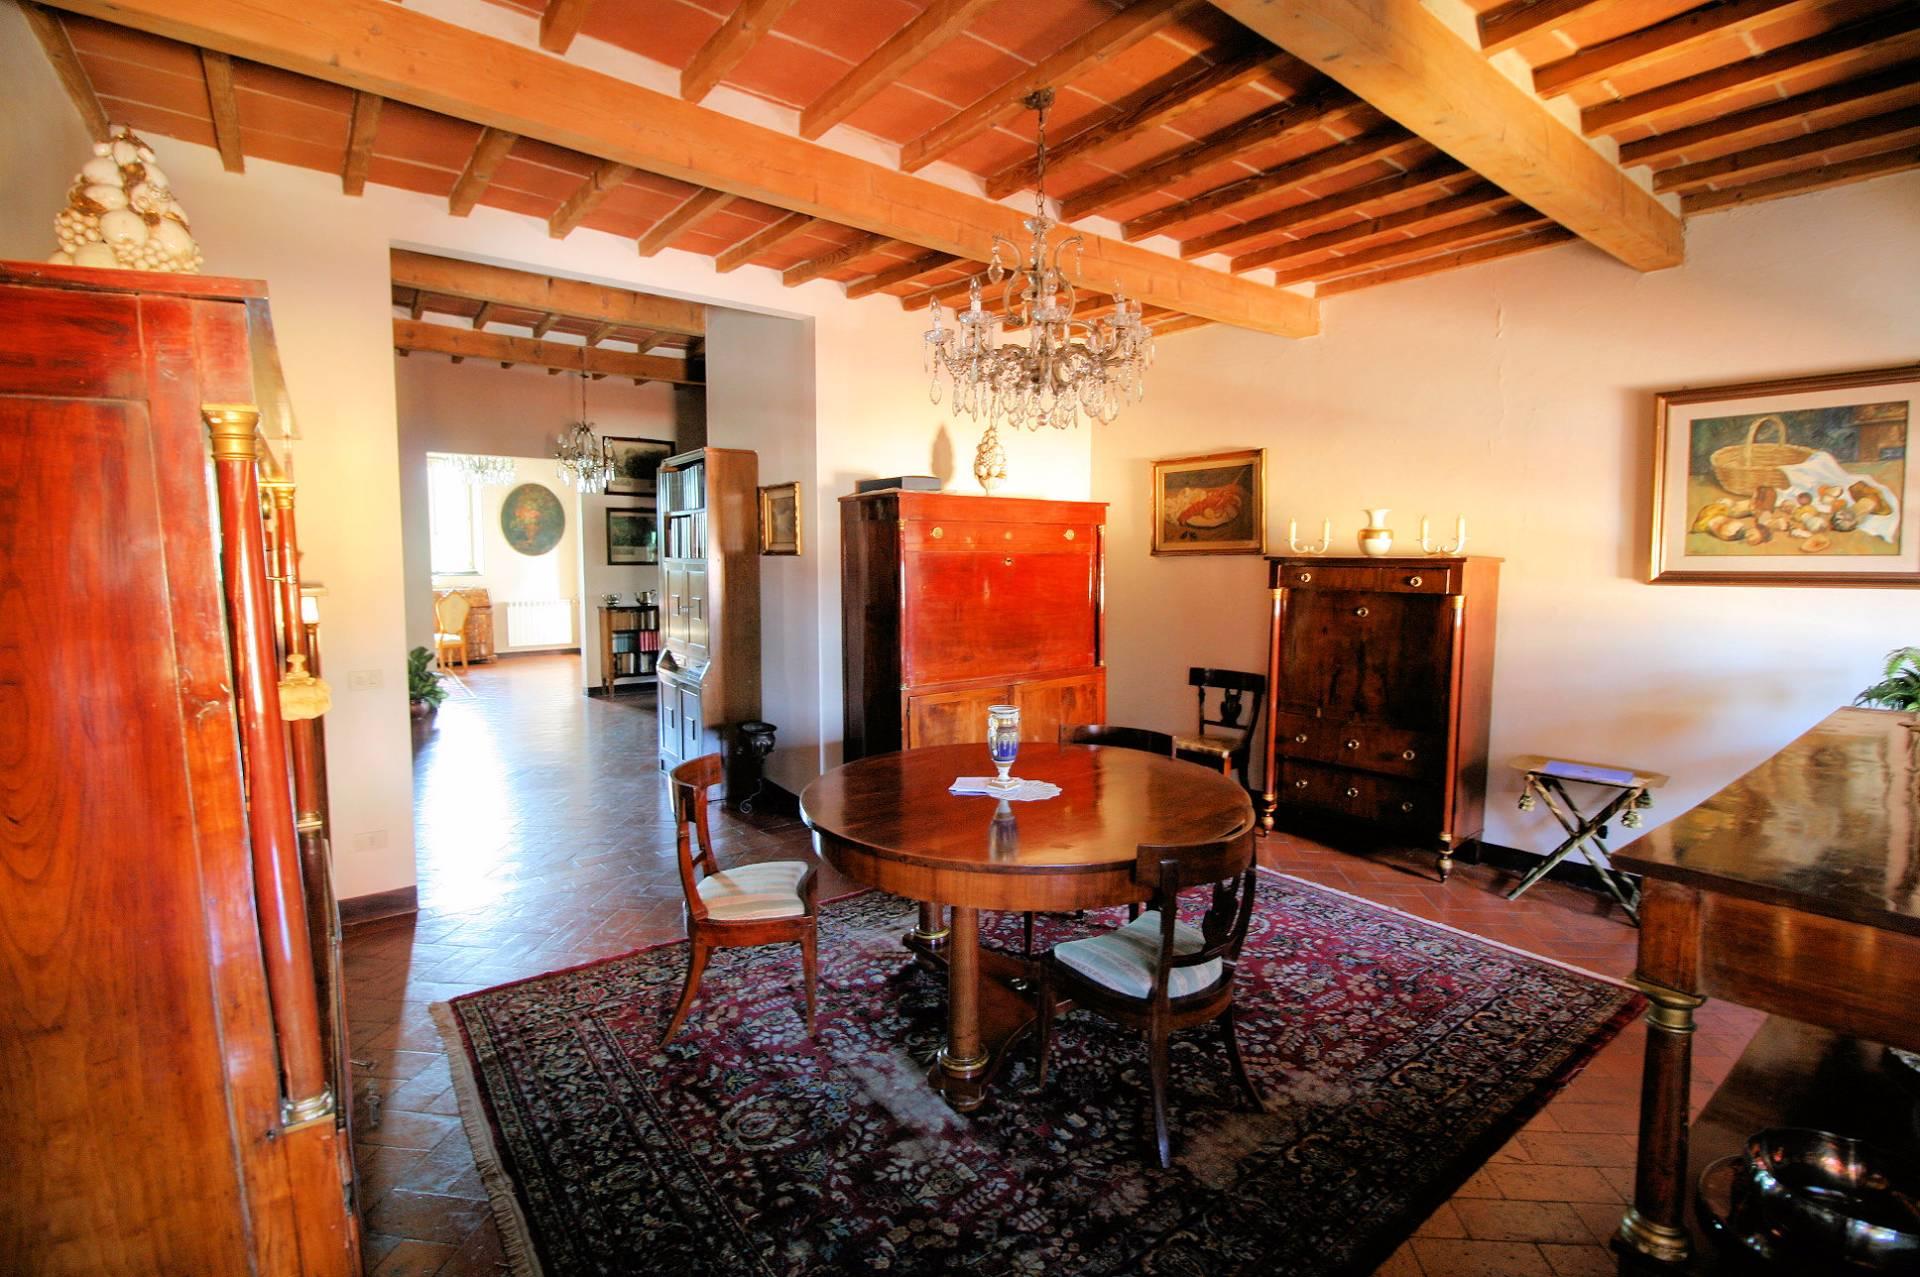 Appartamento in vendita a Pistoia, 9 locali, zona Località: Centrostorico, prezzo € 380.000 | PortaleAgenzieImmobiliari.it